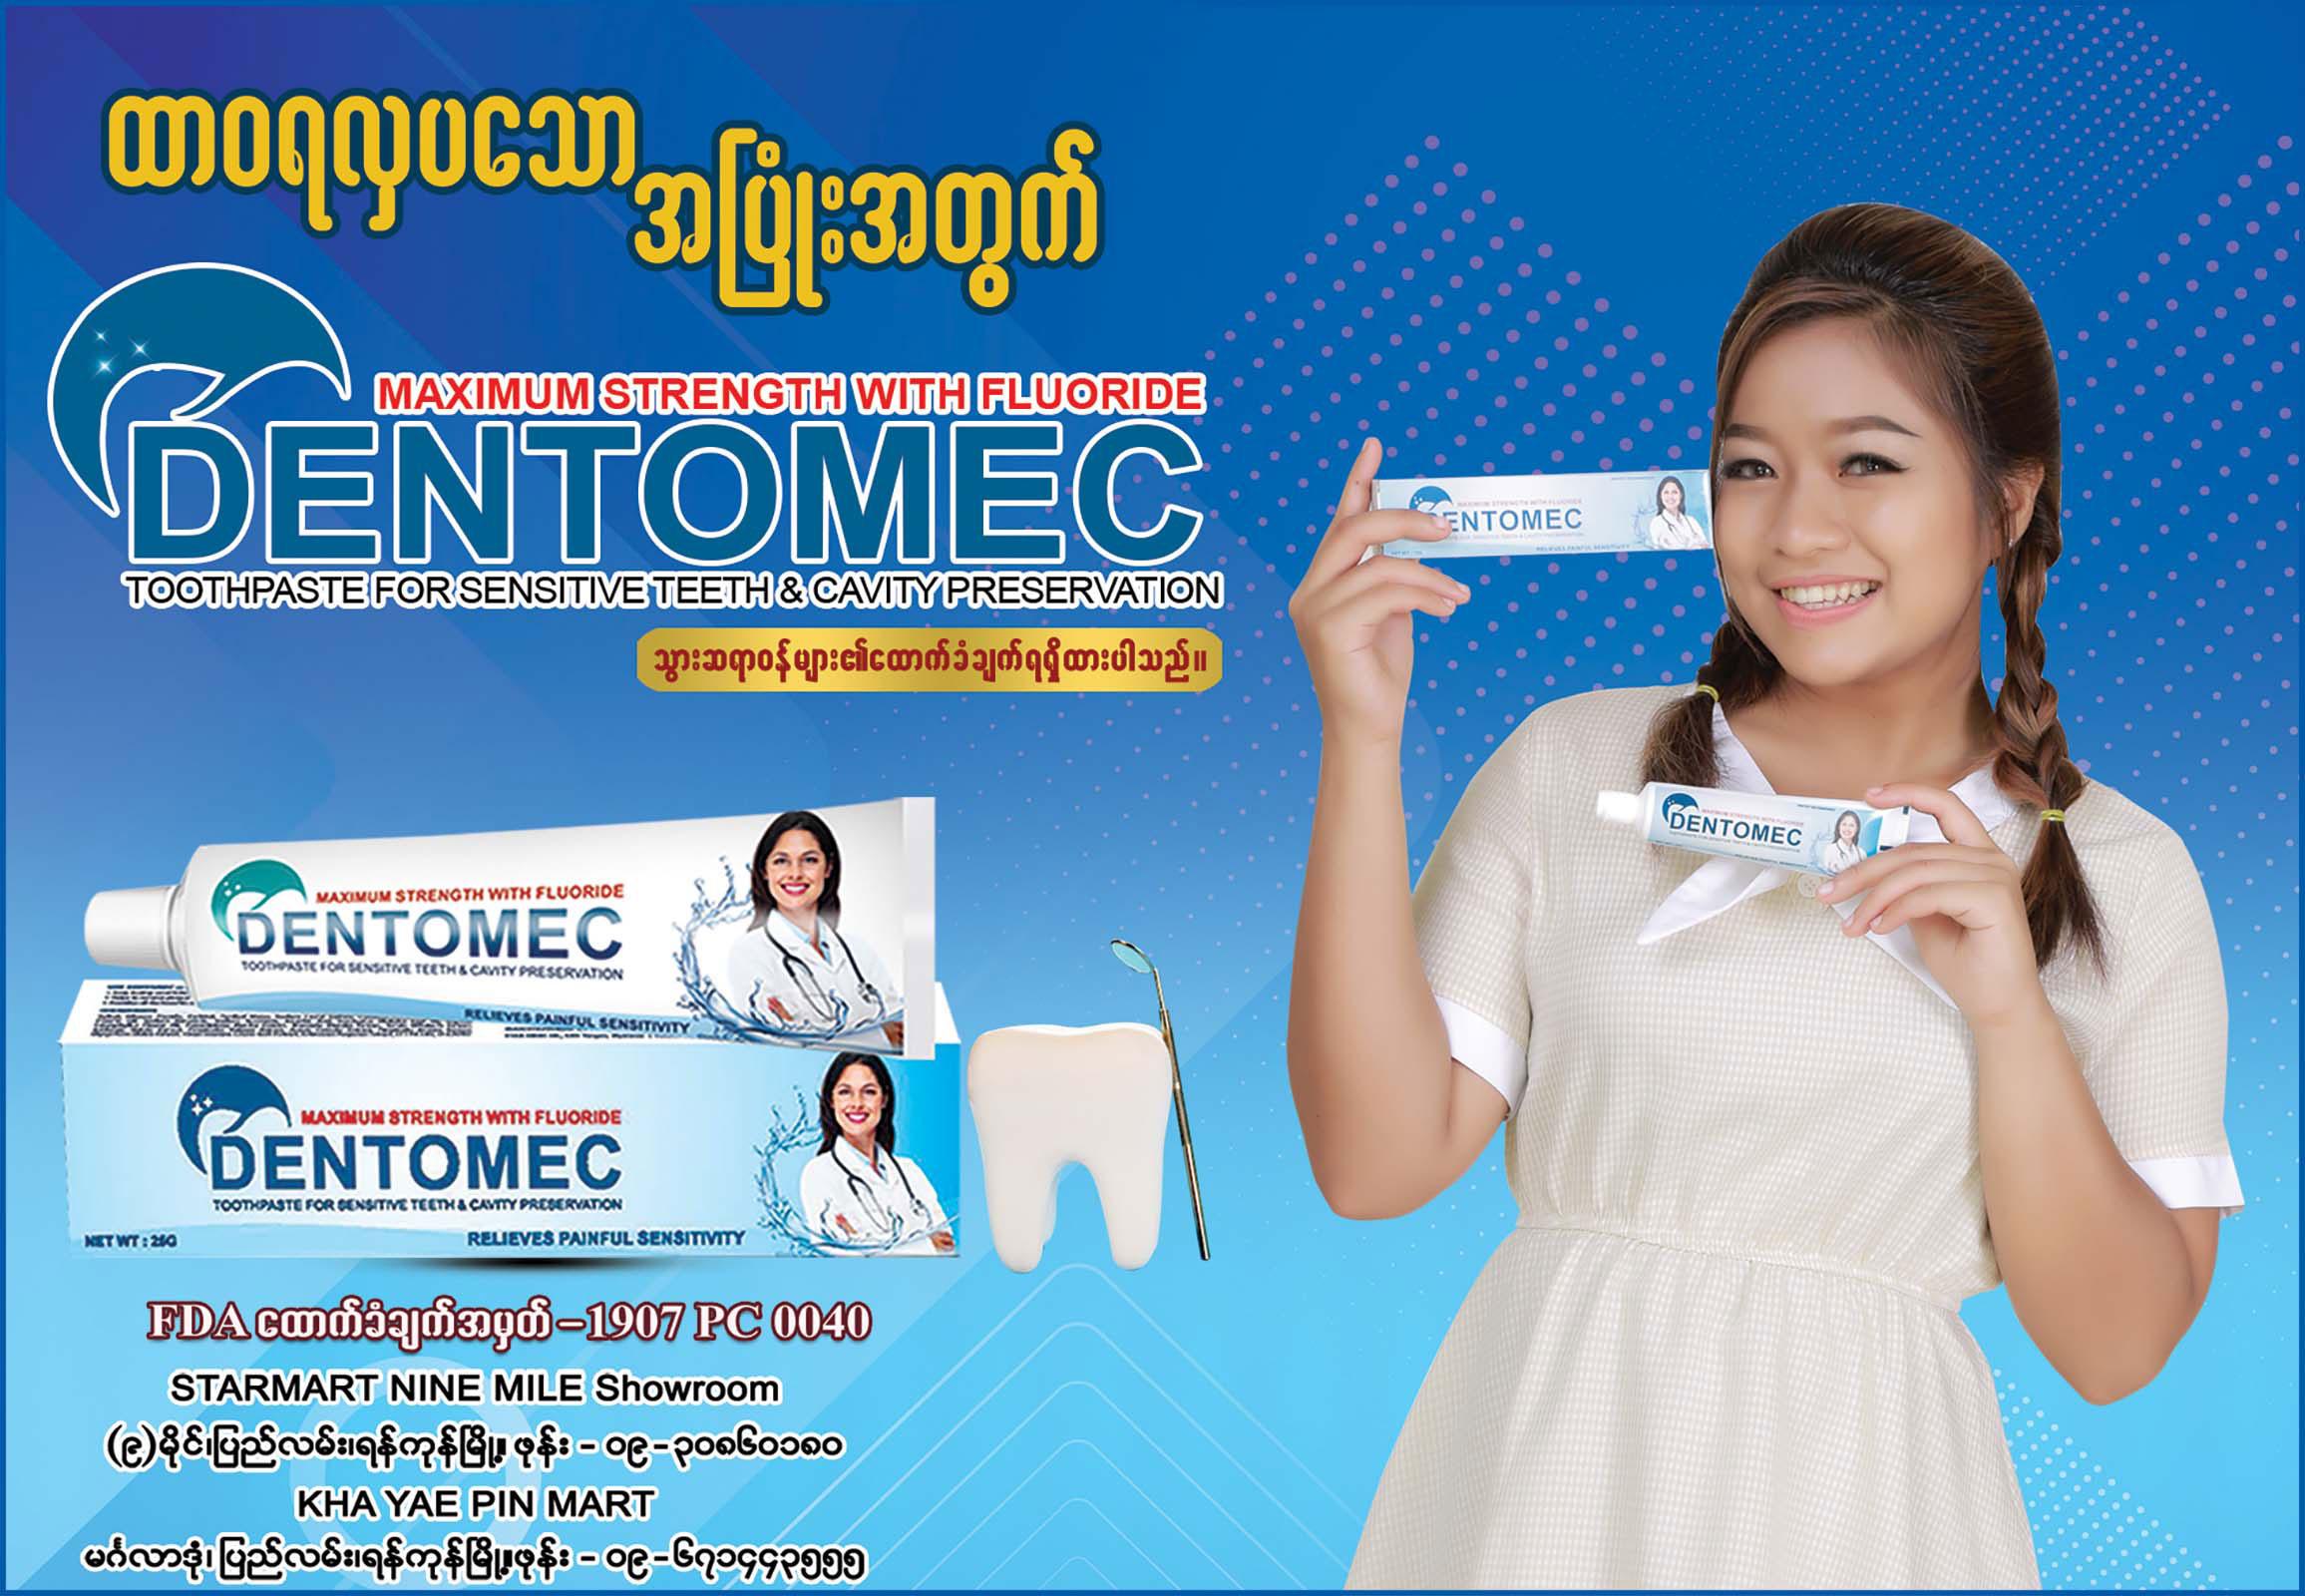 Dentomec